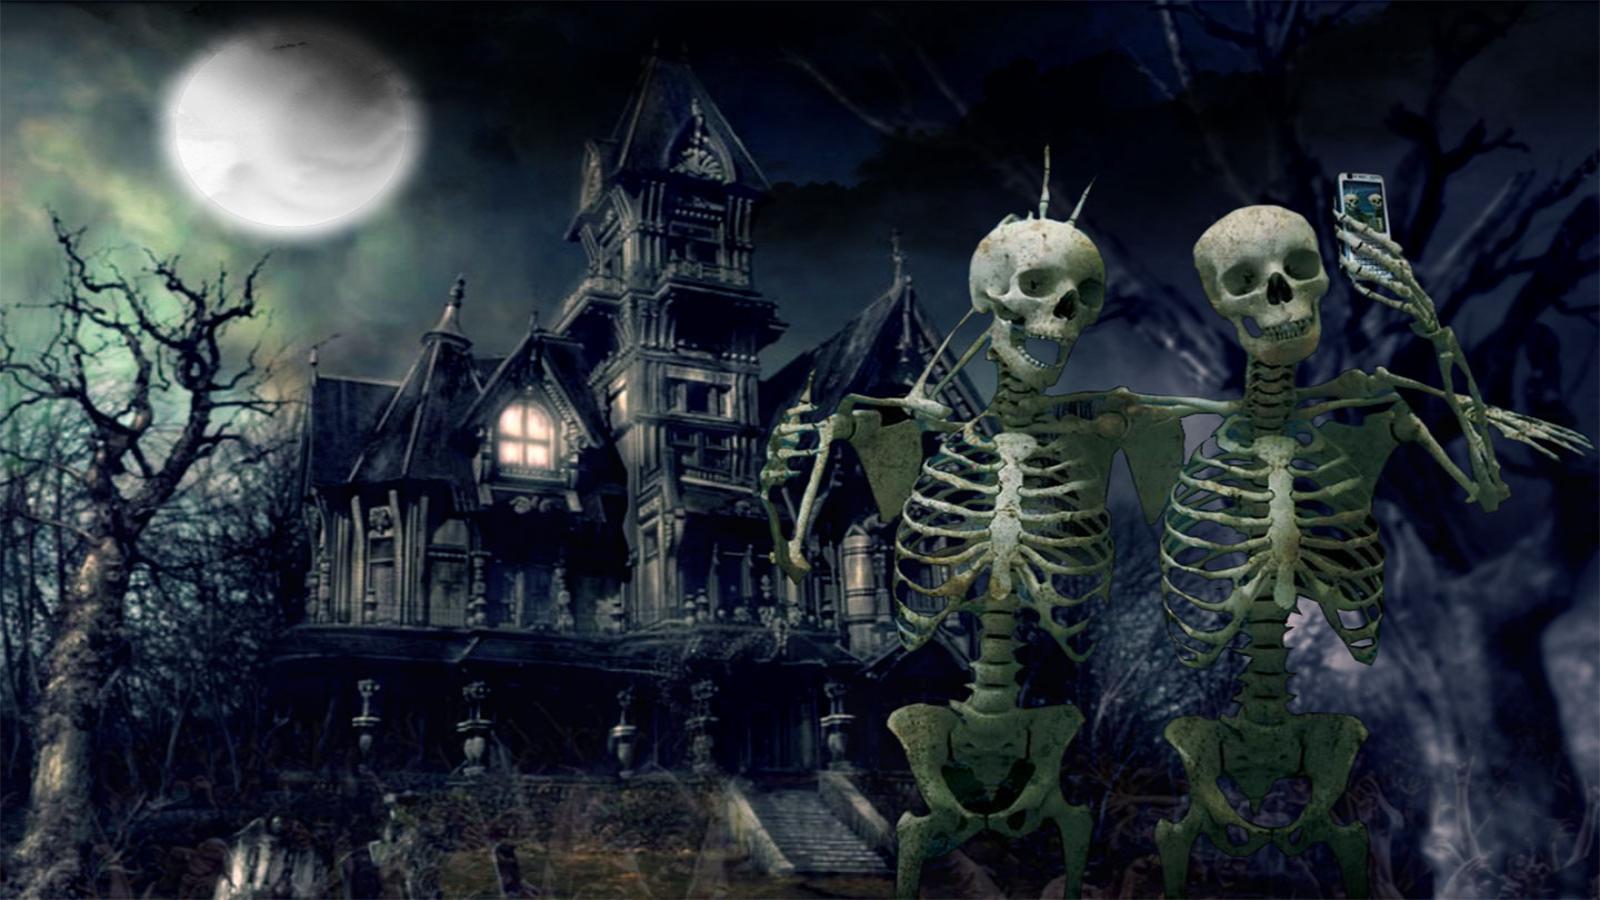 halloweenselfies - Halloween Pitures